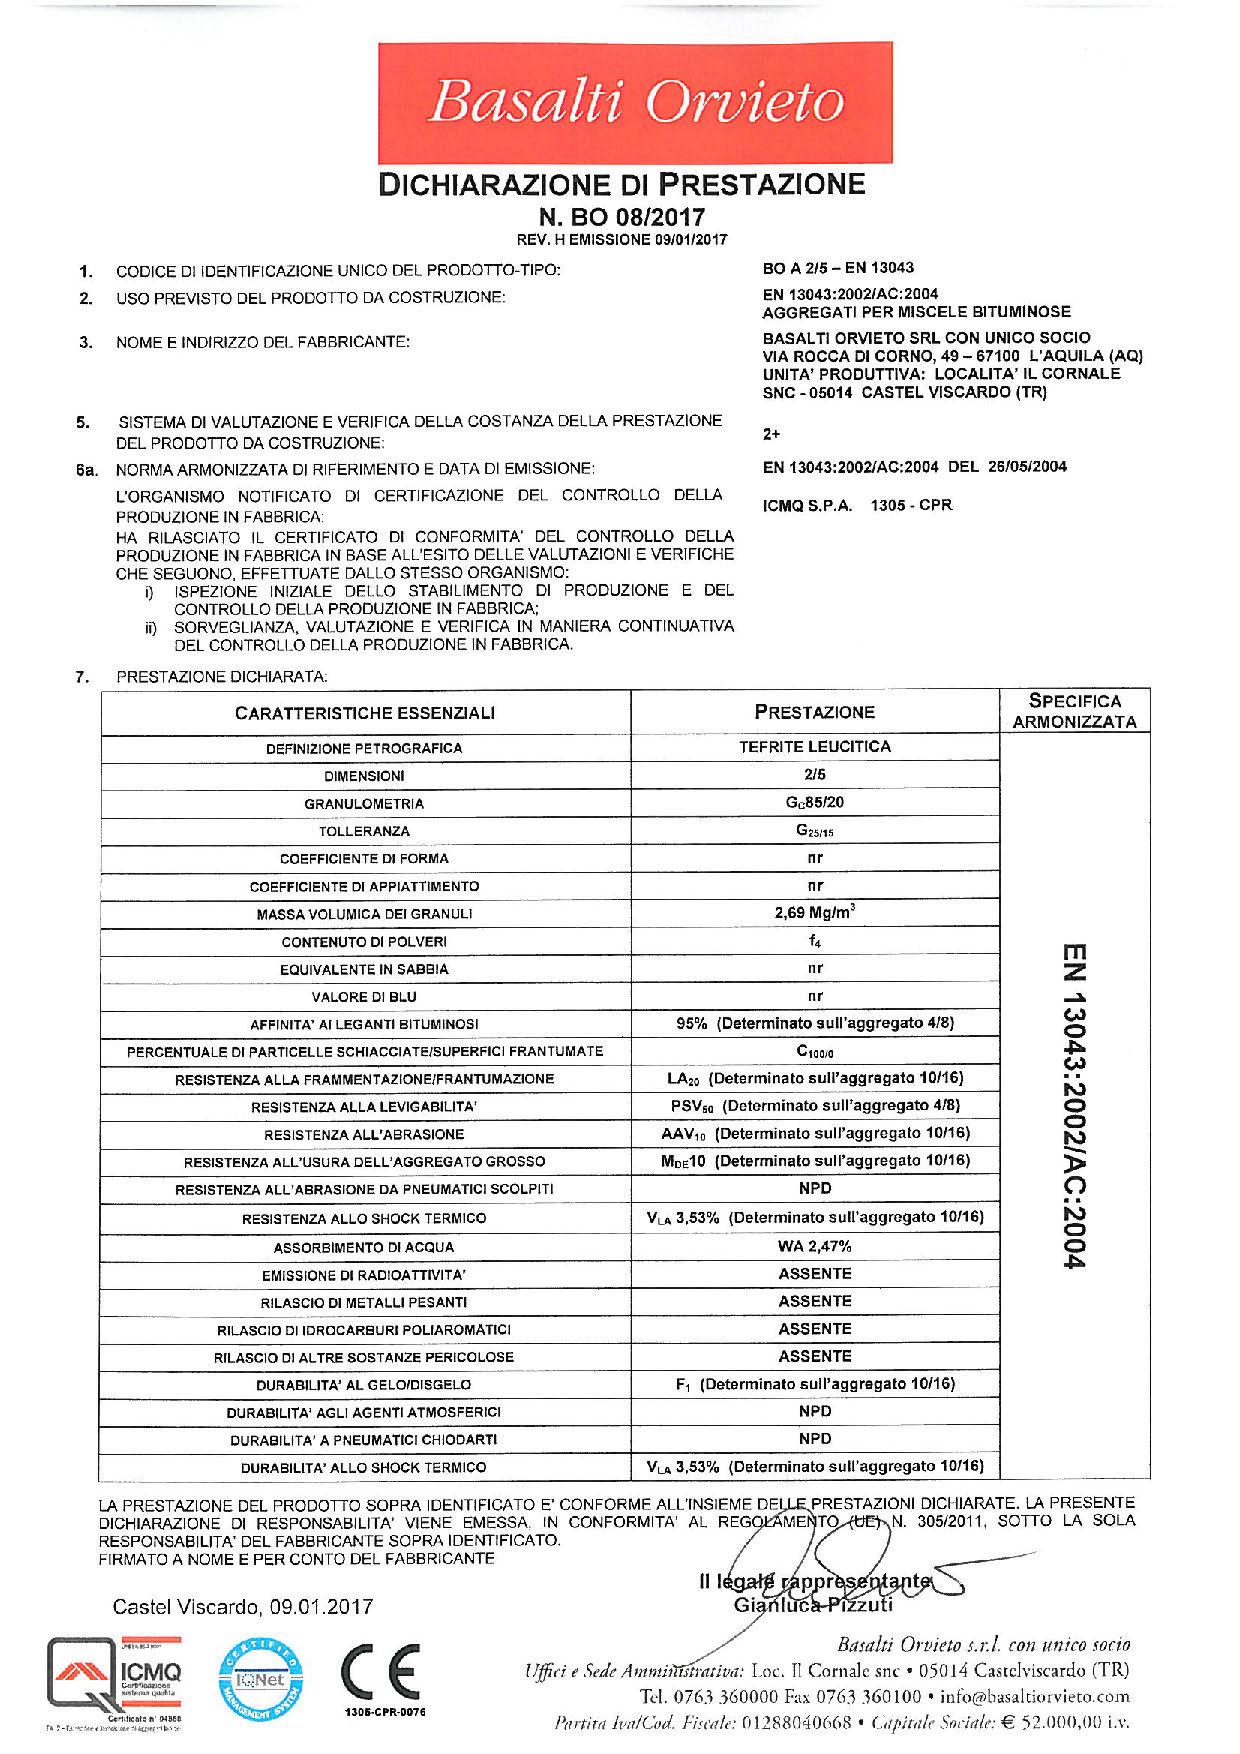 Asfalto_DoP 2-5 - EN 13043